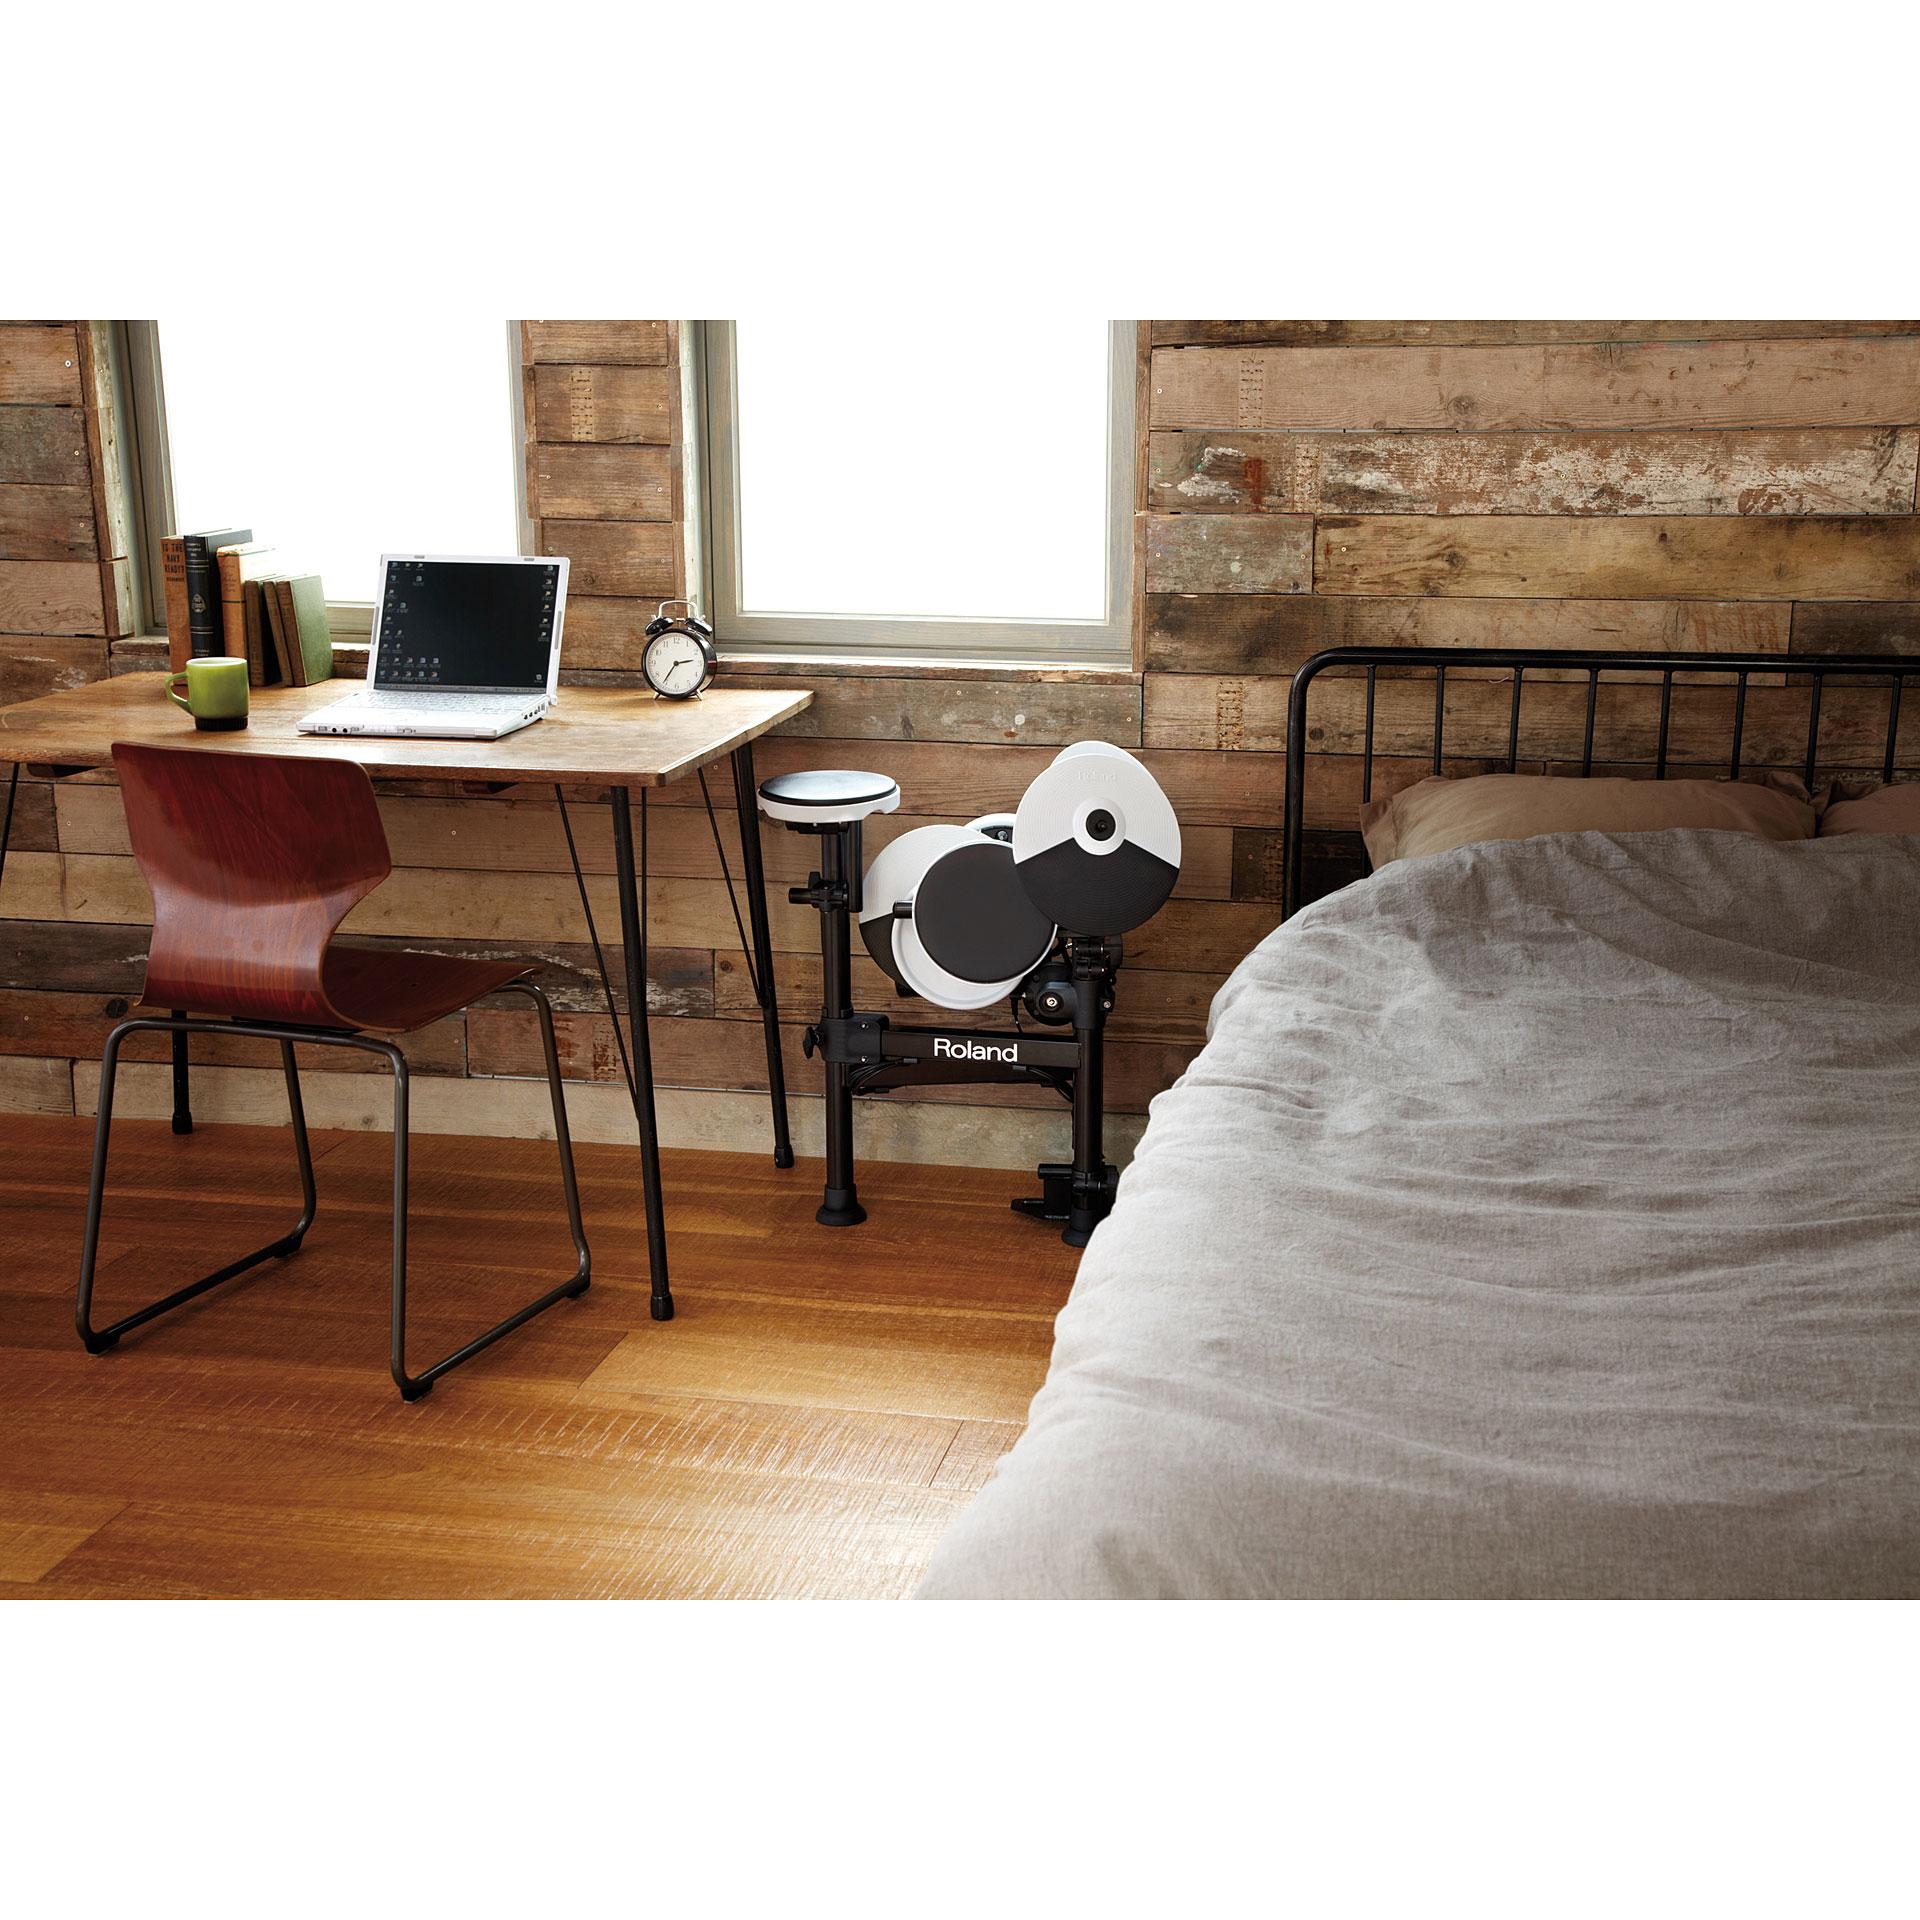 roland td 4kp v drums portable electronic drum kit. Black Bedroom Furniture Sets. Home Design Ideas